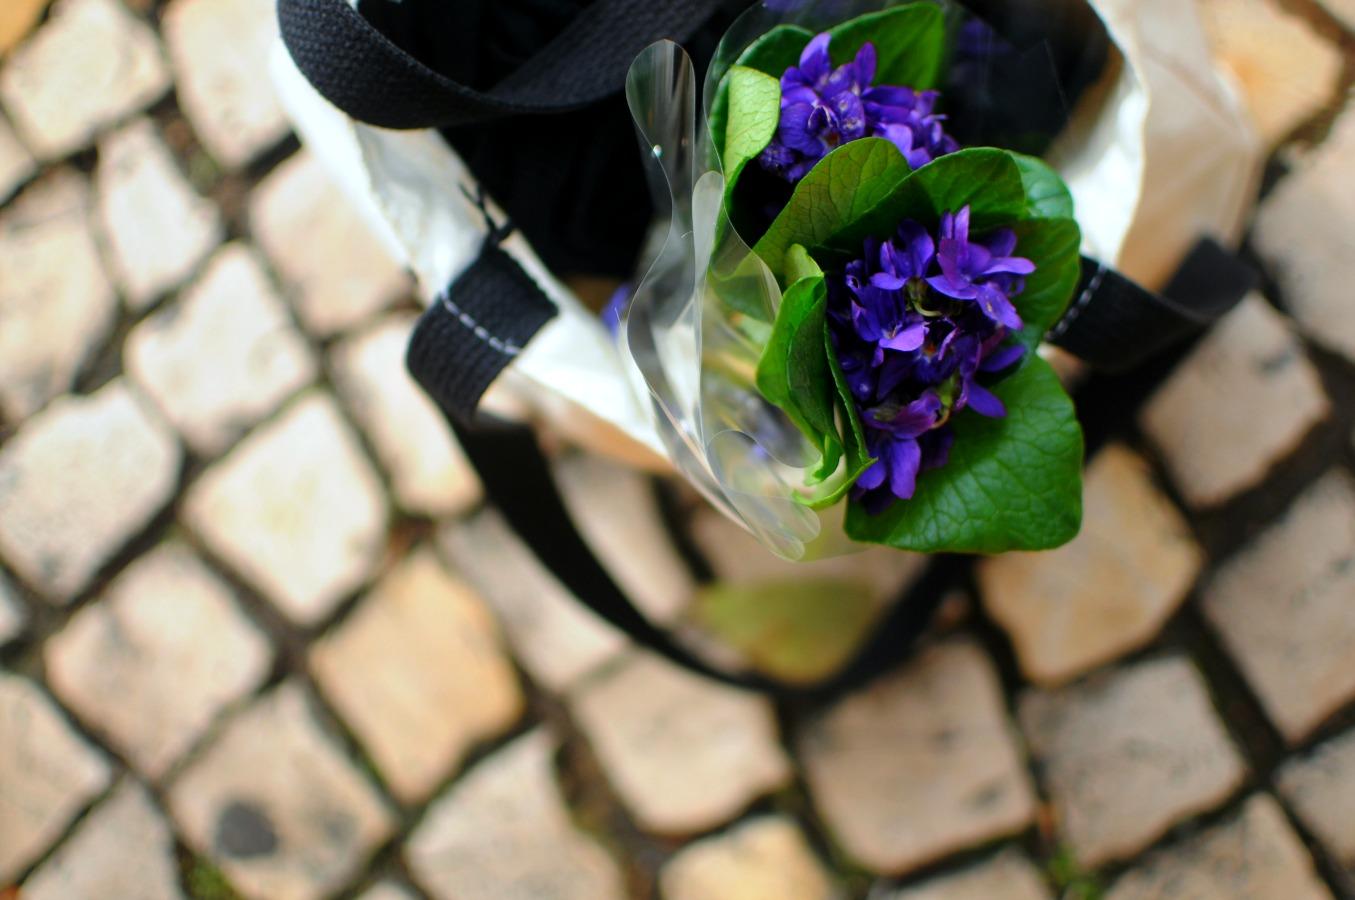 violets in bag